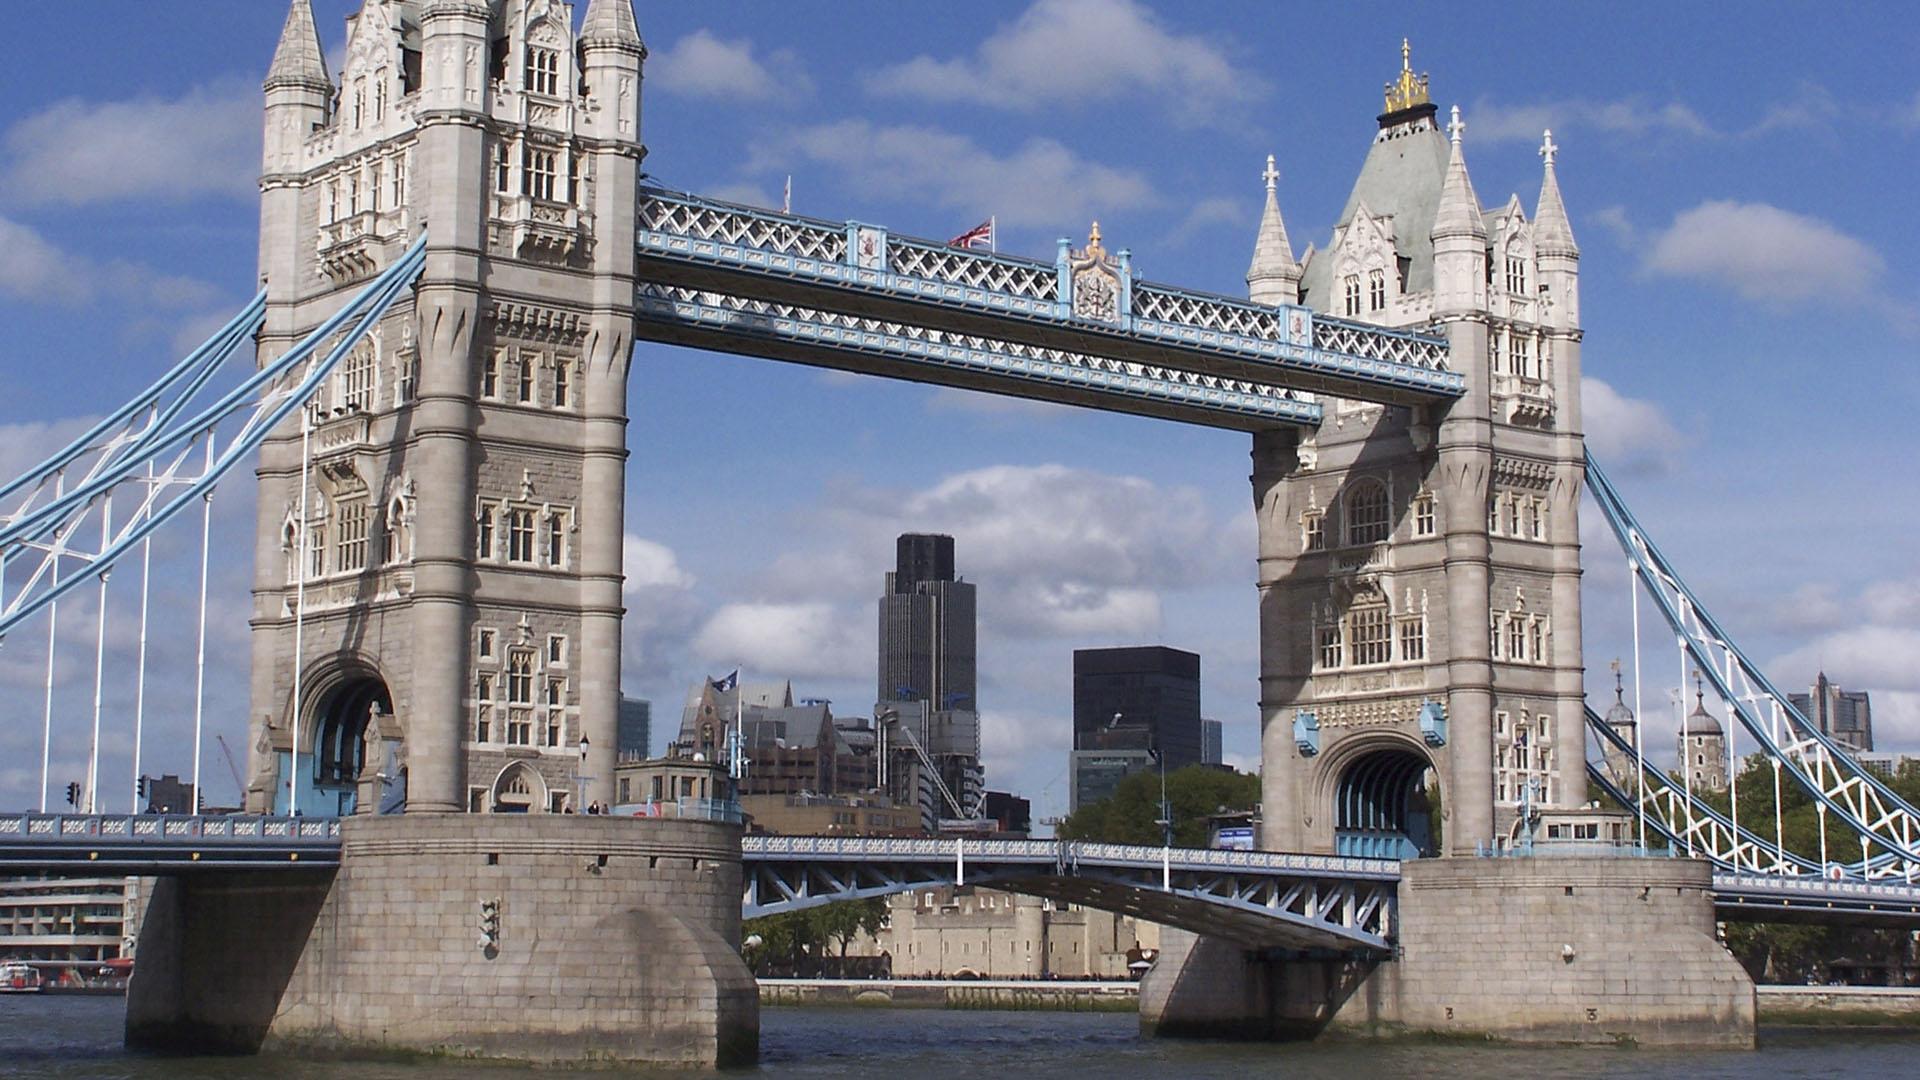 Contemporary Home Design E7 0ew Part - 29: 100 Contemporary Home Design E7 0ew Travelodge London